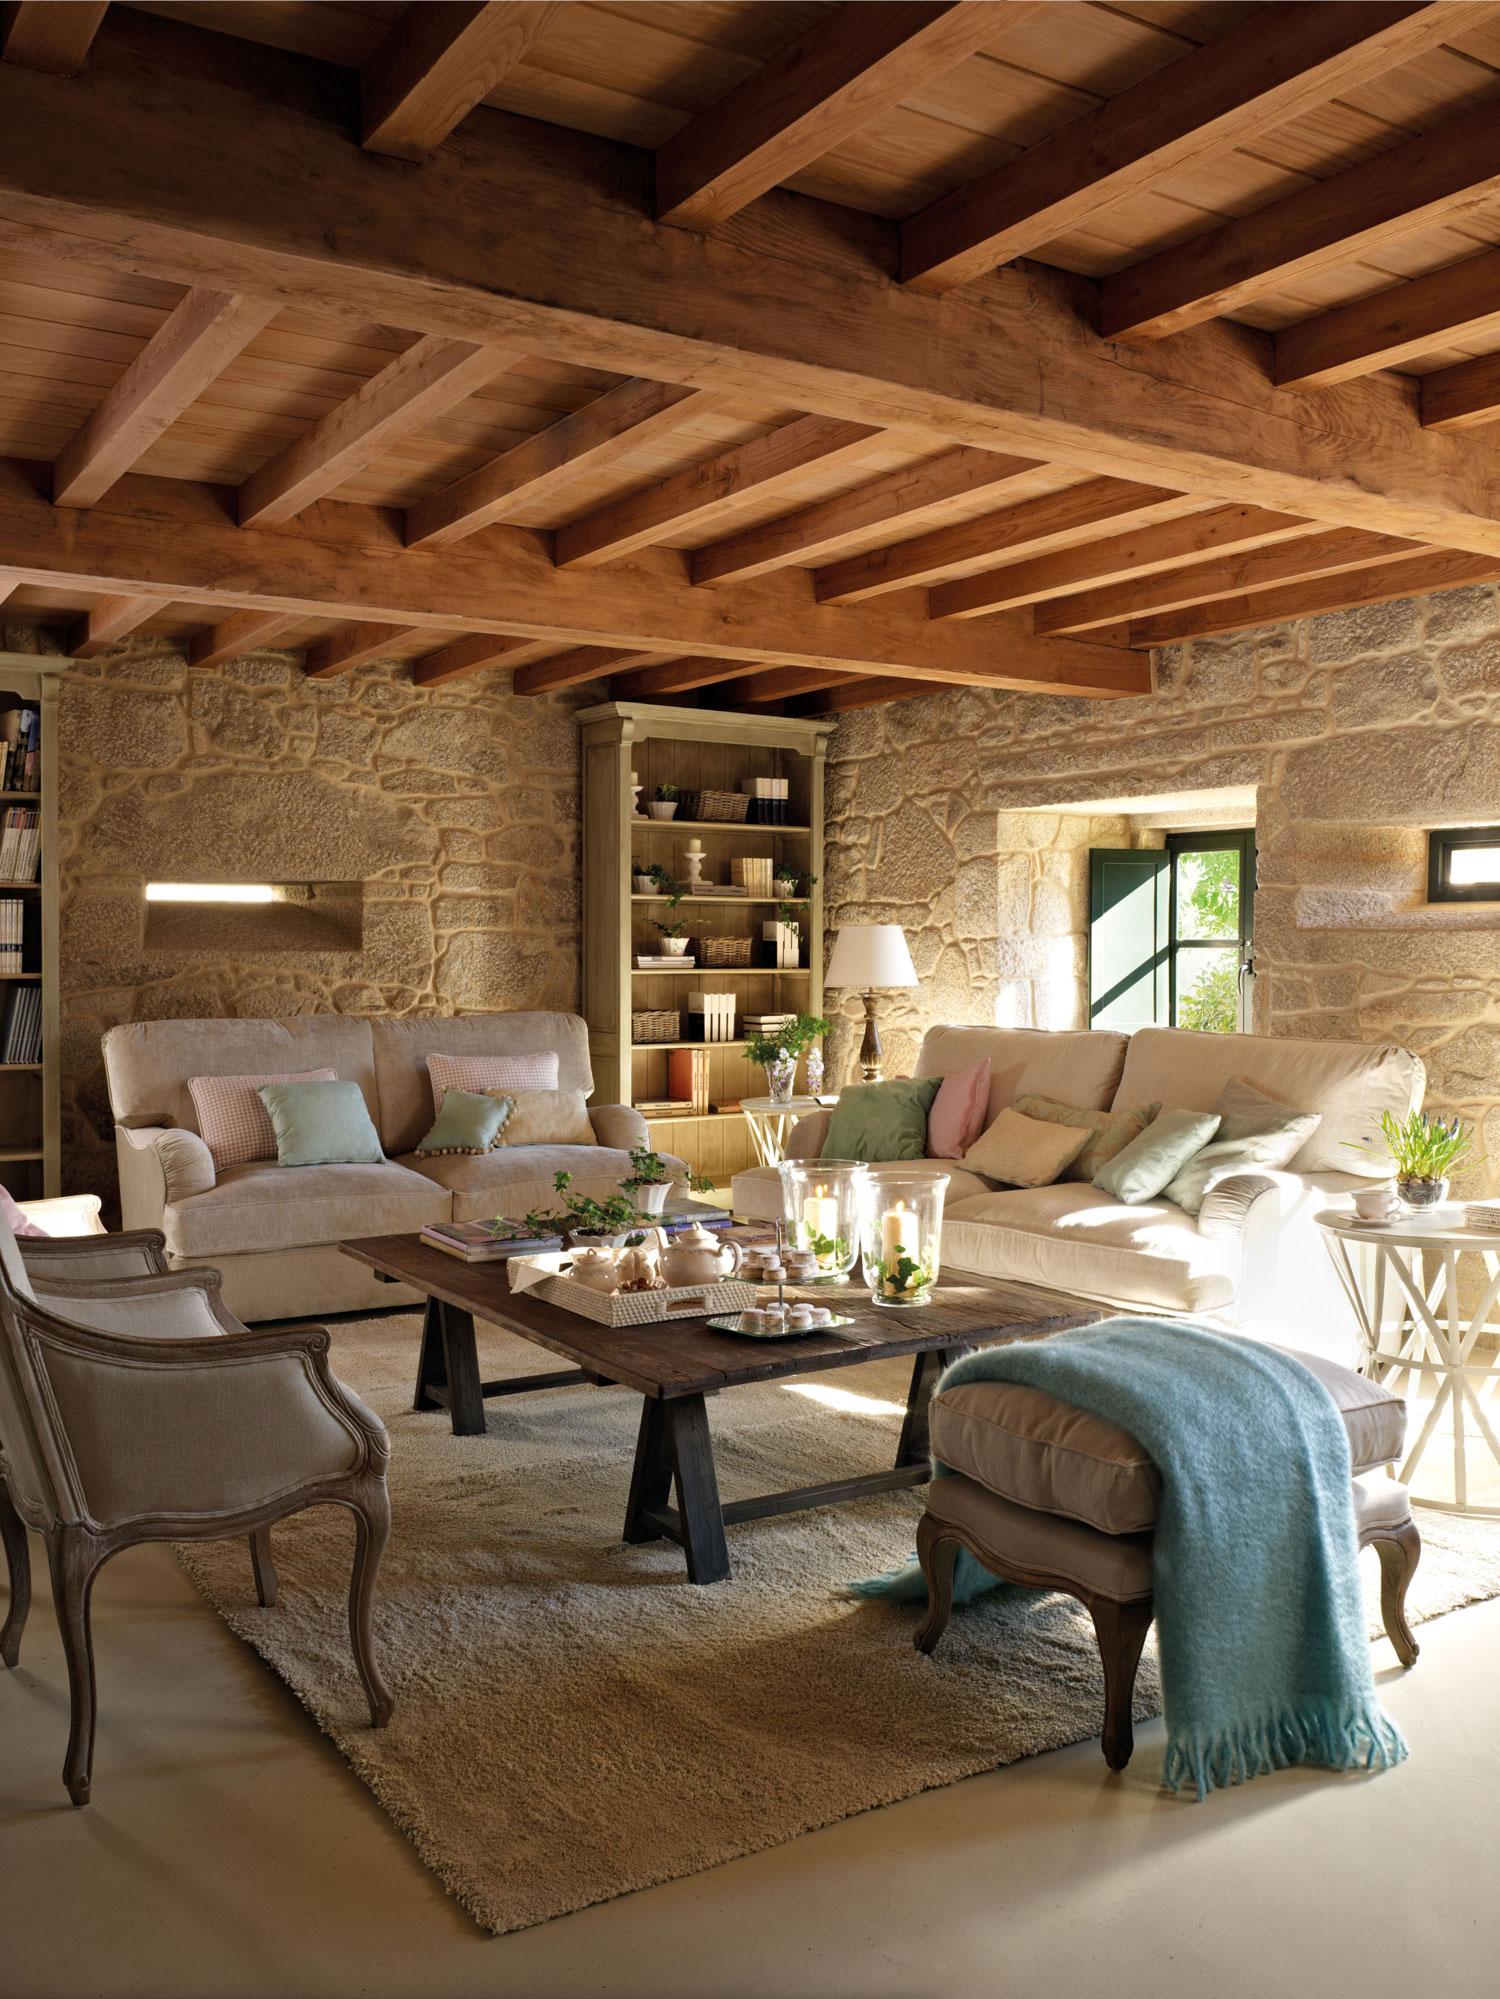 Una casa r stica con vigas de madera for Decoracion de casas con piedras